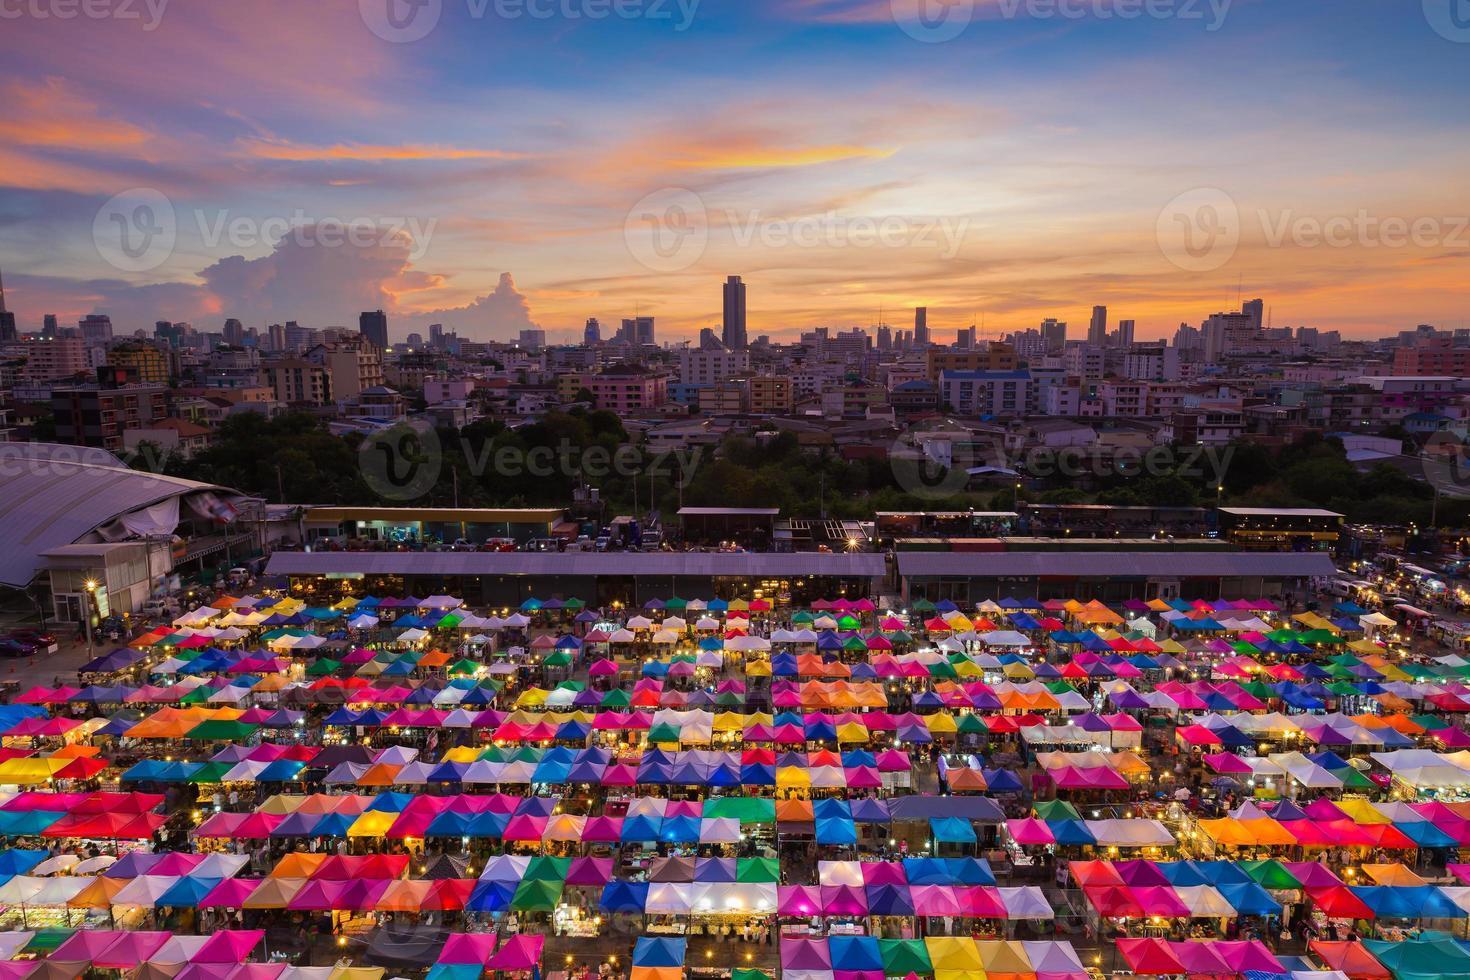 Vue aérienne du marché aux puces de Bangkok photo